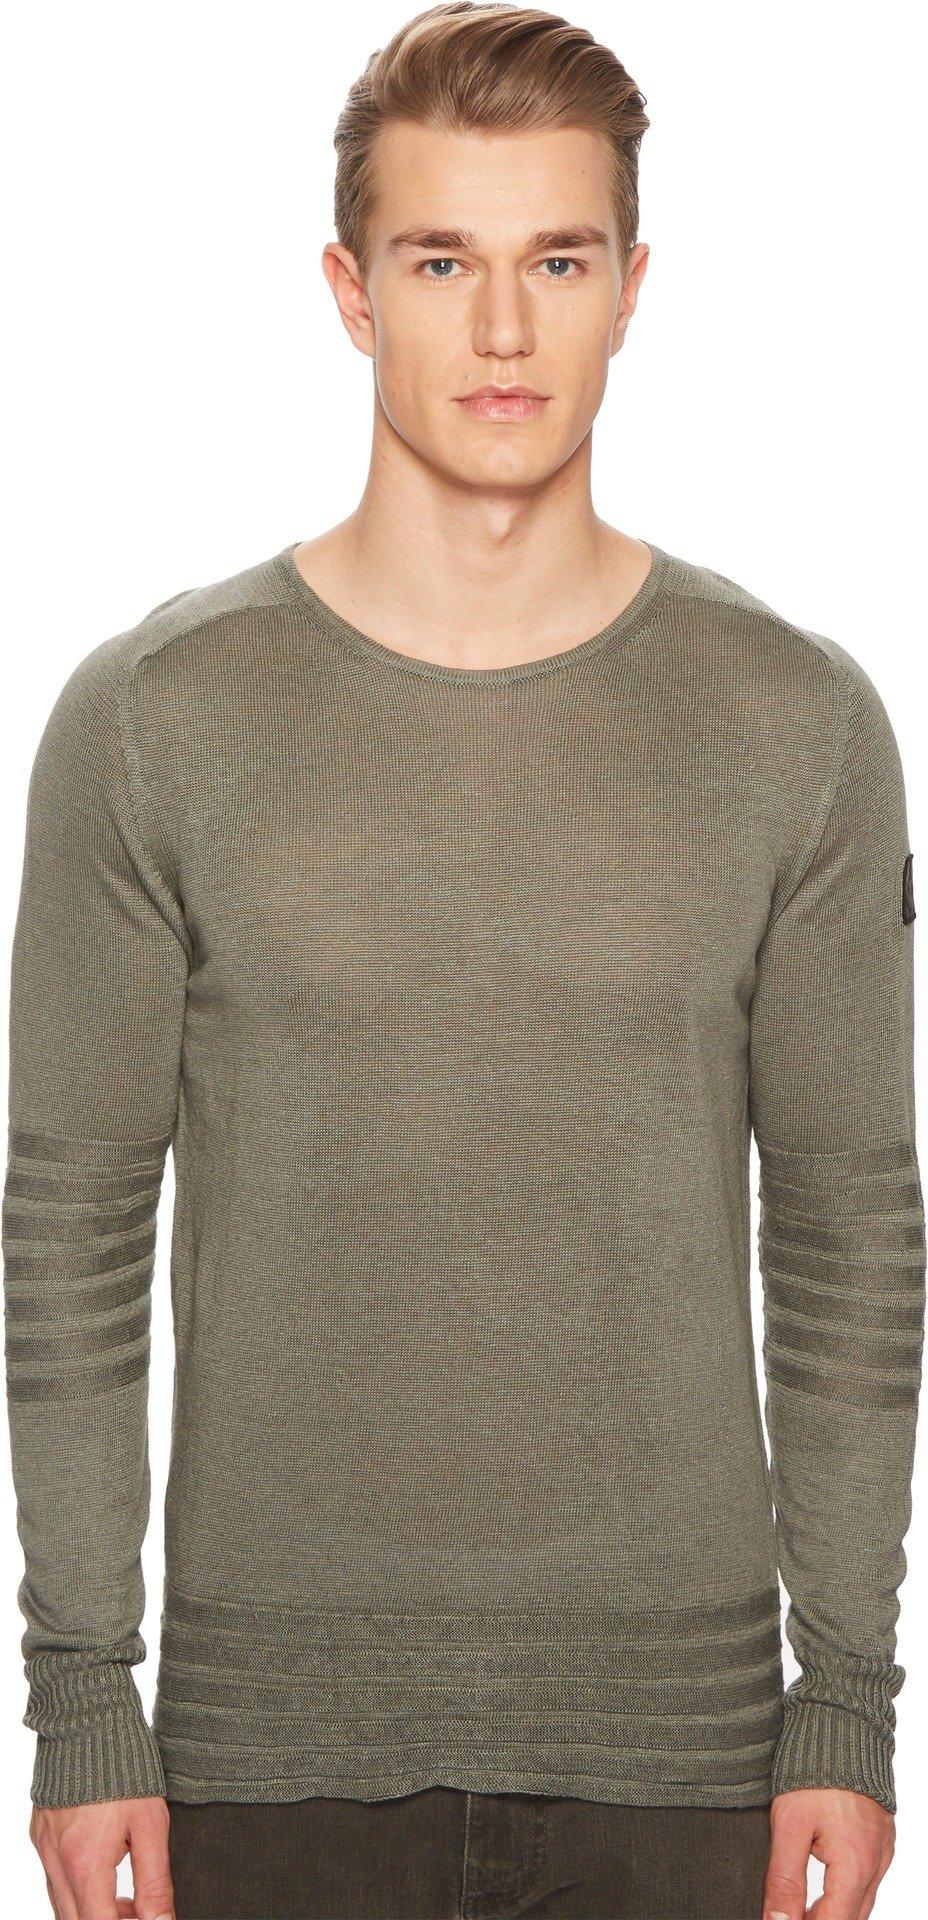 Belstaff Men's Exford Fine Gauge Linen Sweater Slate Green Medium